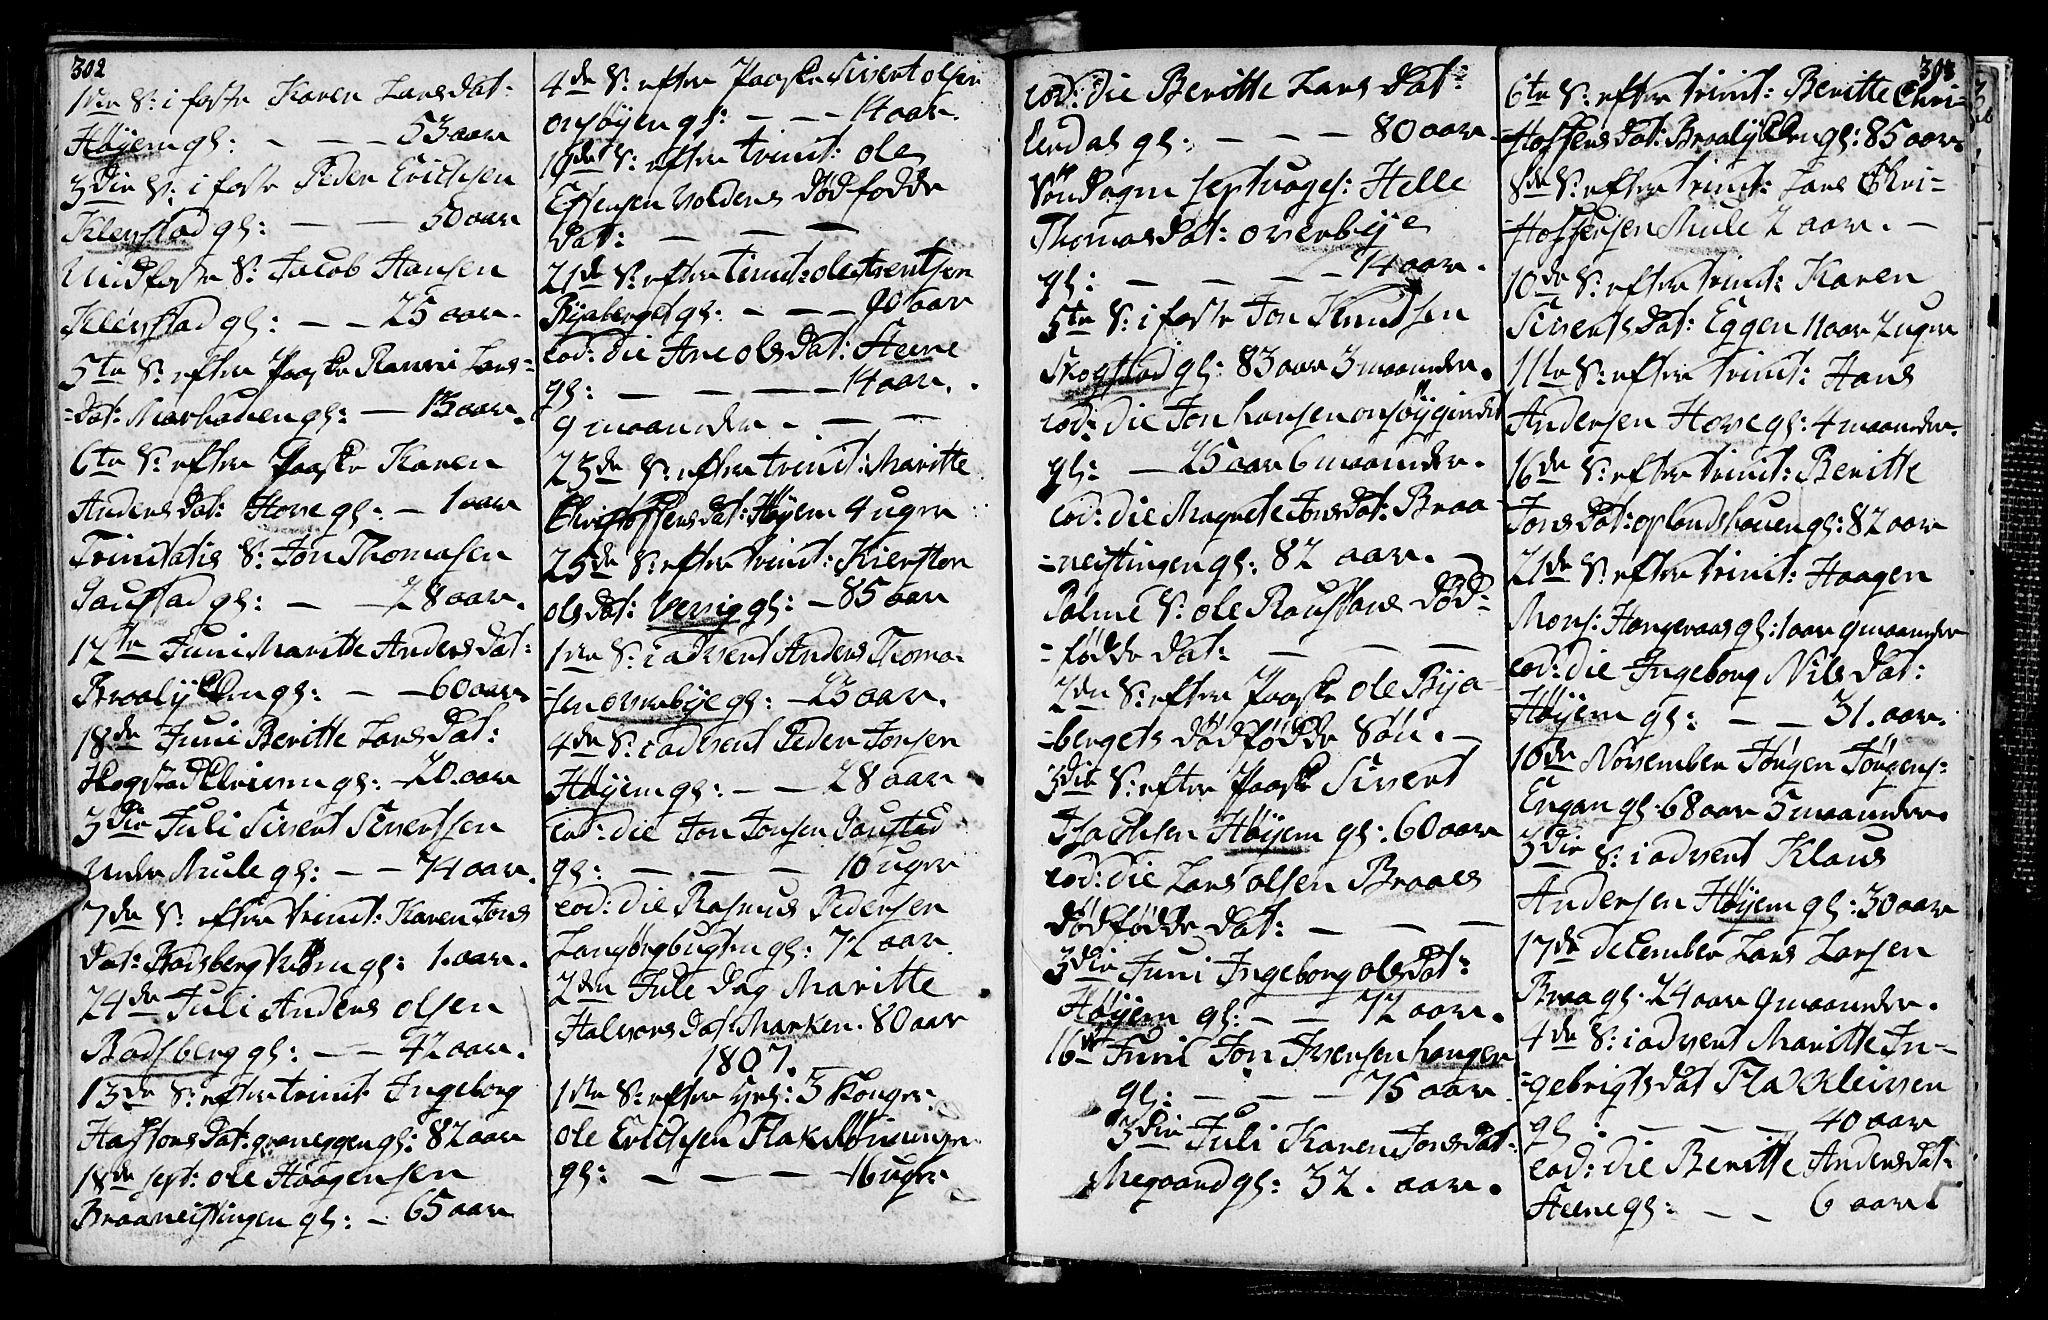 SAT, Ministerialprotokoller, klokkerbøker og fødselsregistre - Sør-Trøndelag, 612/L0371: Ministerialbok nr. 612A05, 1803-1816, s. 302-303